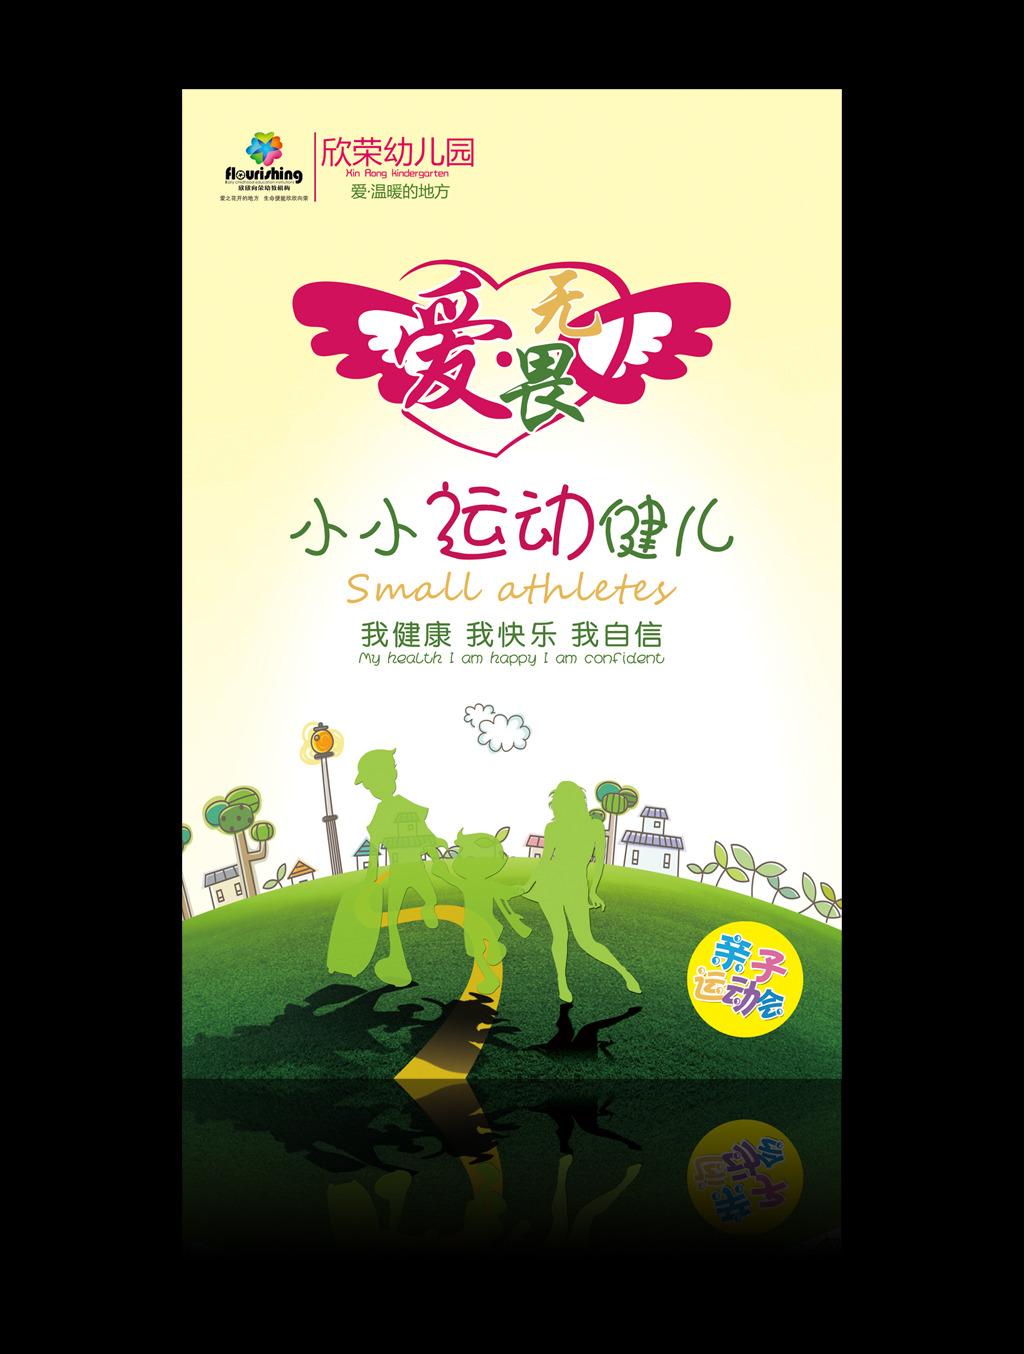 幼儿园运动会海报展板设计